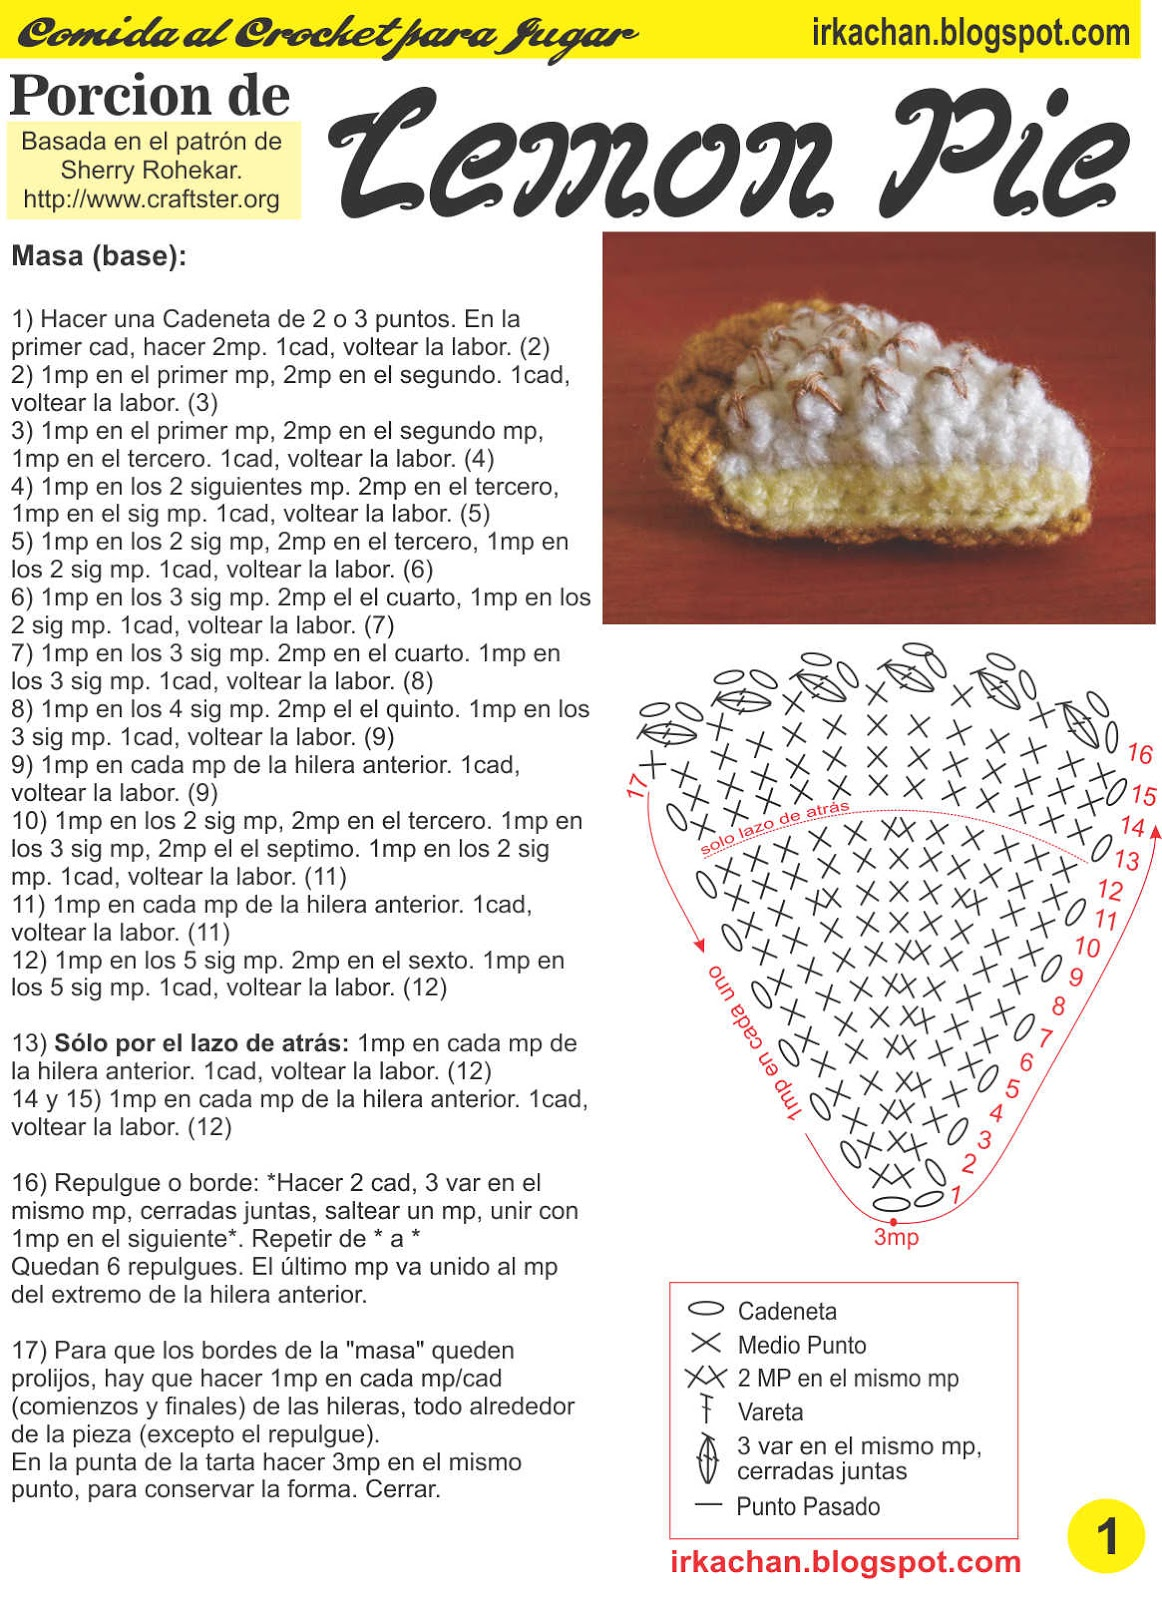 Irka!: Comida al Crochet - parte 3 (Porciones)